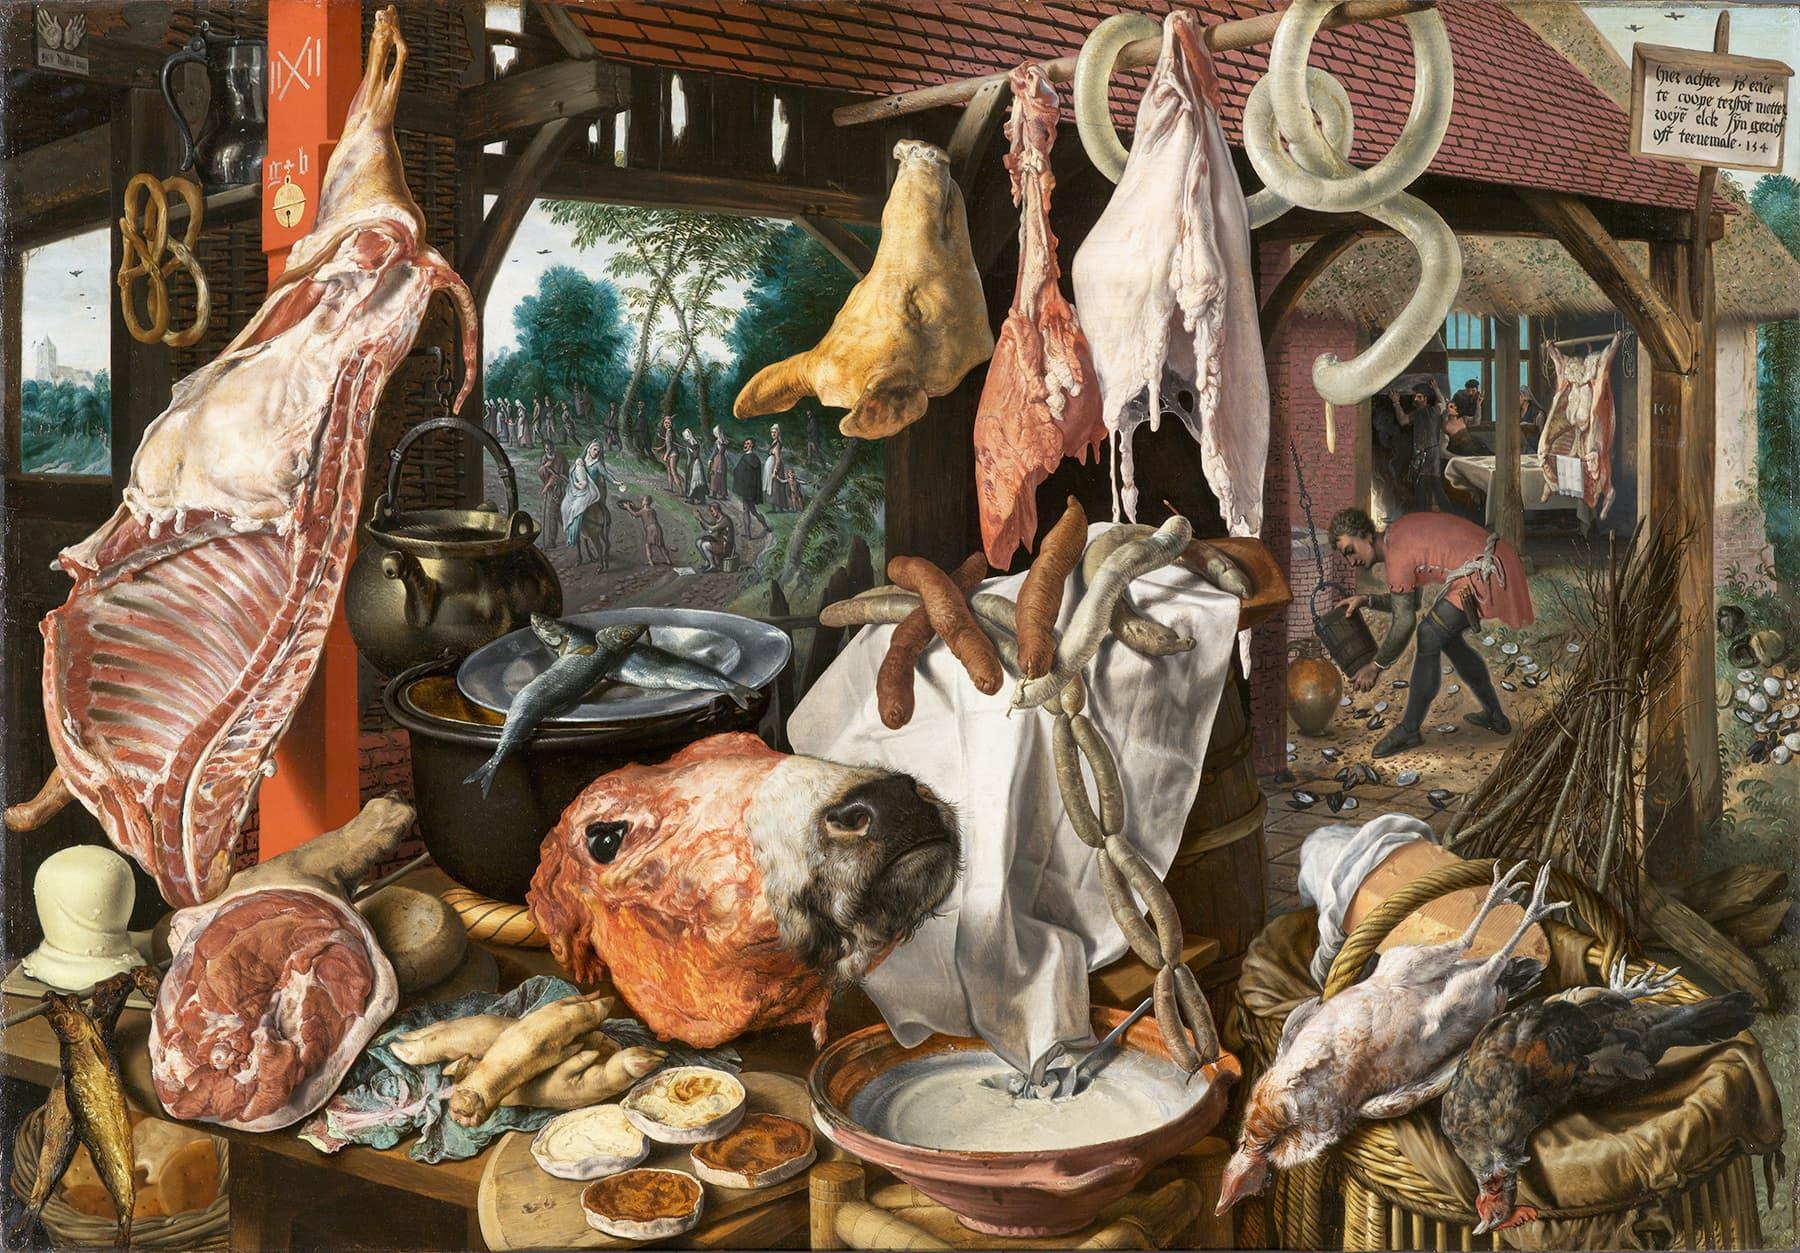 گوشت کو مرکزی موضوع بنانے کے حوالے سے بعض 16 ویں صدی کے مذہبی علماء کے مطابق یہ مومن کی موت کی علامت ہے۔— کری ایٹو کامنز